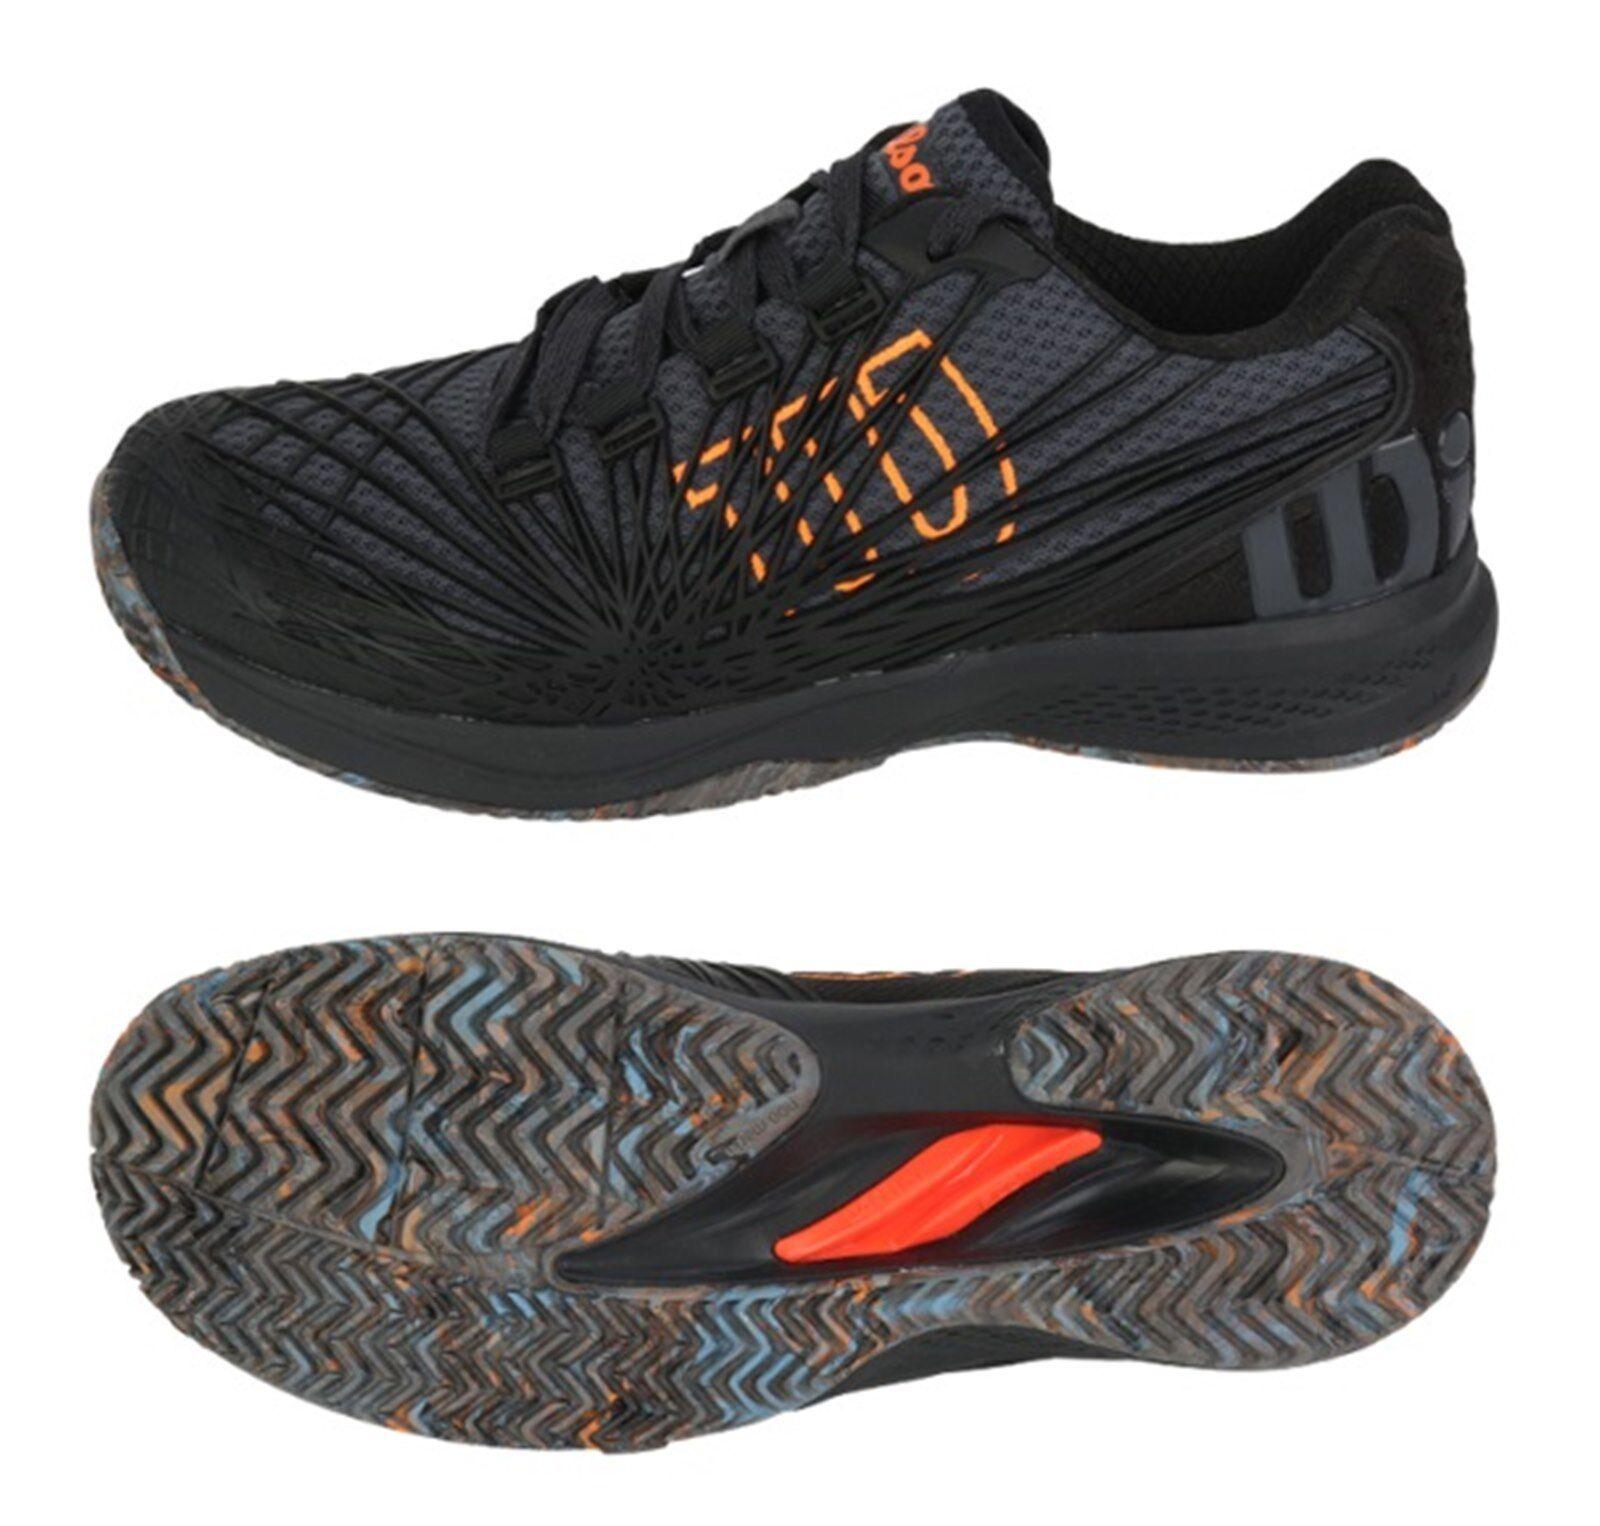 Zapatos Tenis Wilson hombres Kaos 2.0 que ejecutan Raqueta De Tenis Zapato Negro WRS323840